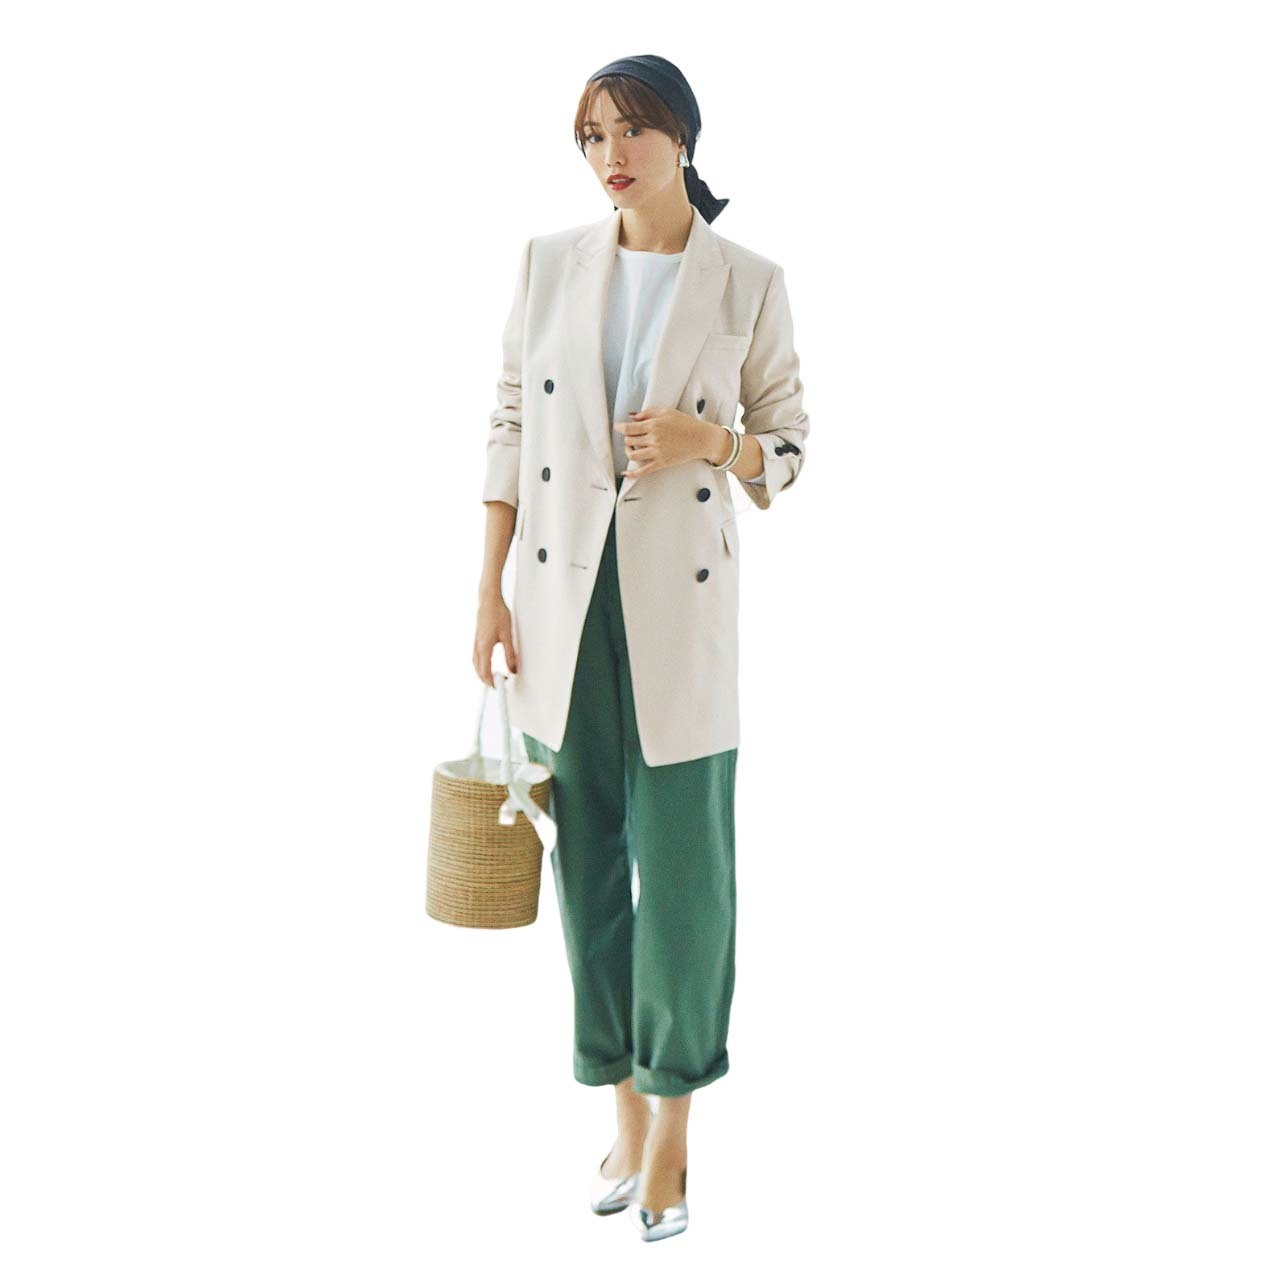 グリーンのカーゴパンツ×ジャケットコーデ